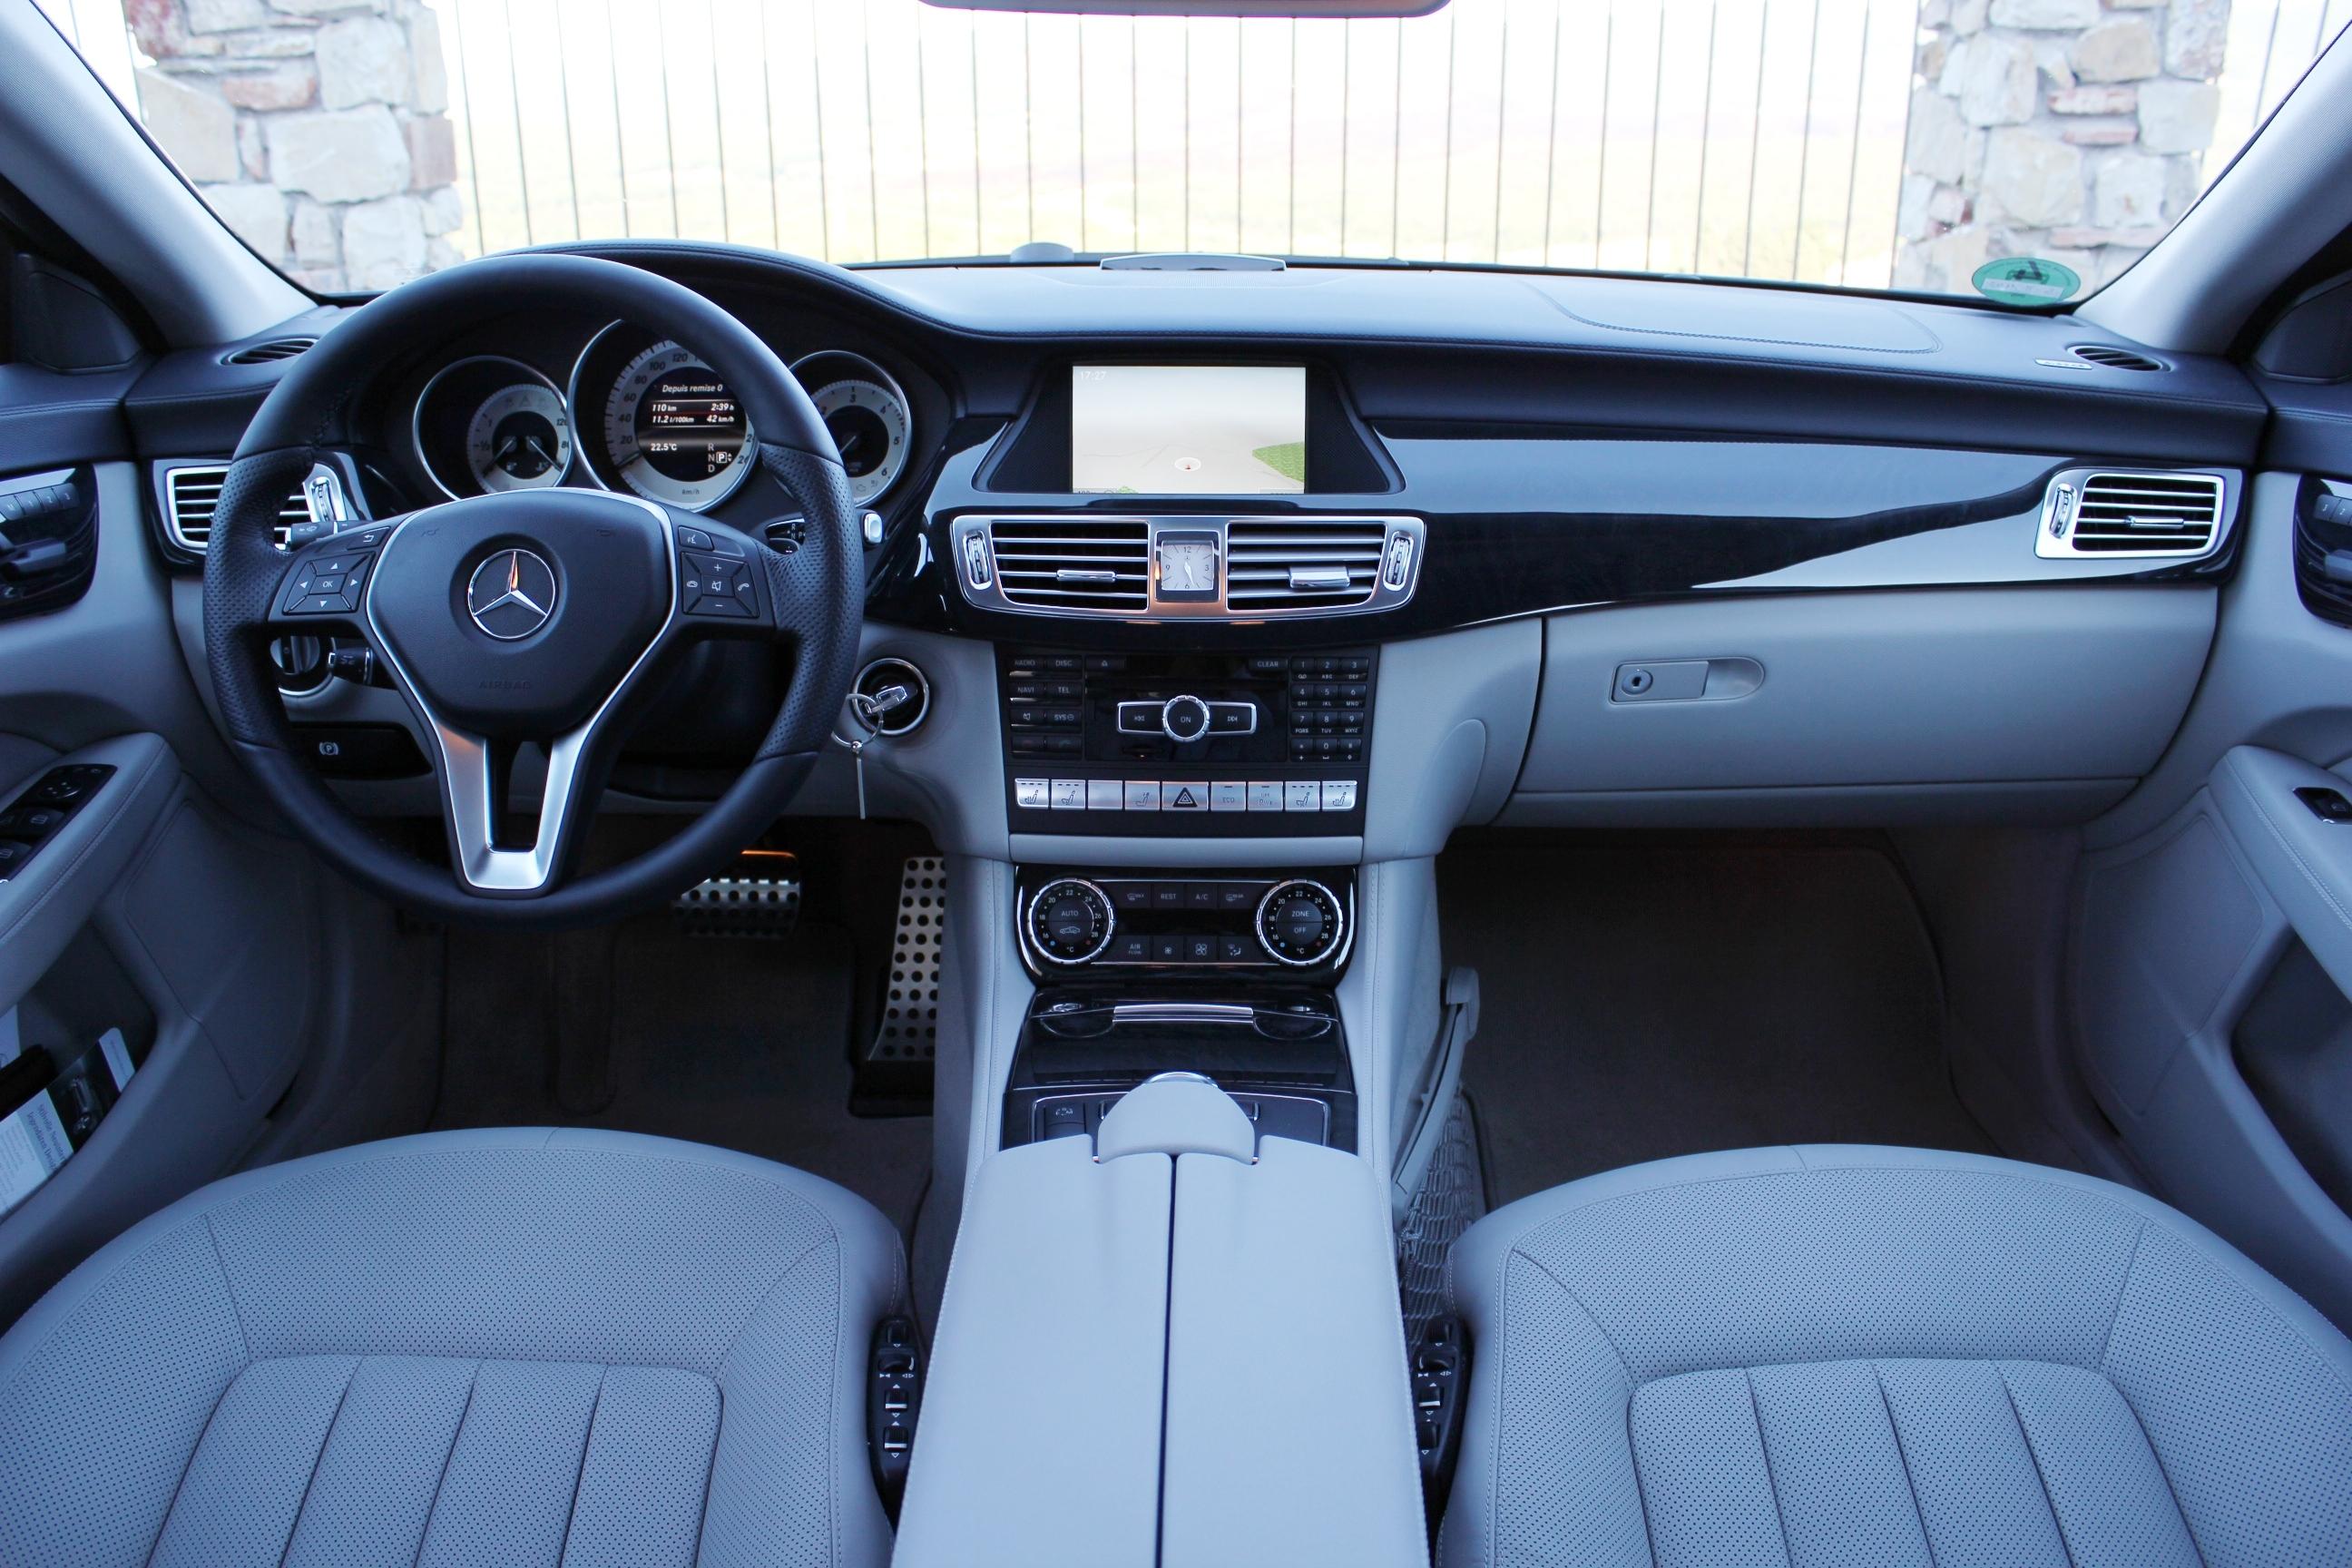 Essai Vid 233 O Mercedes Cls Shooting Brake D 233 M 233 Nageur De Luxe